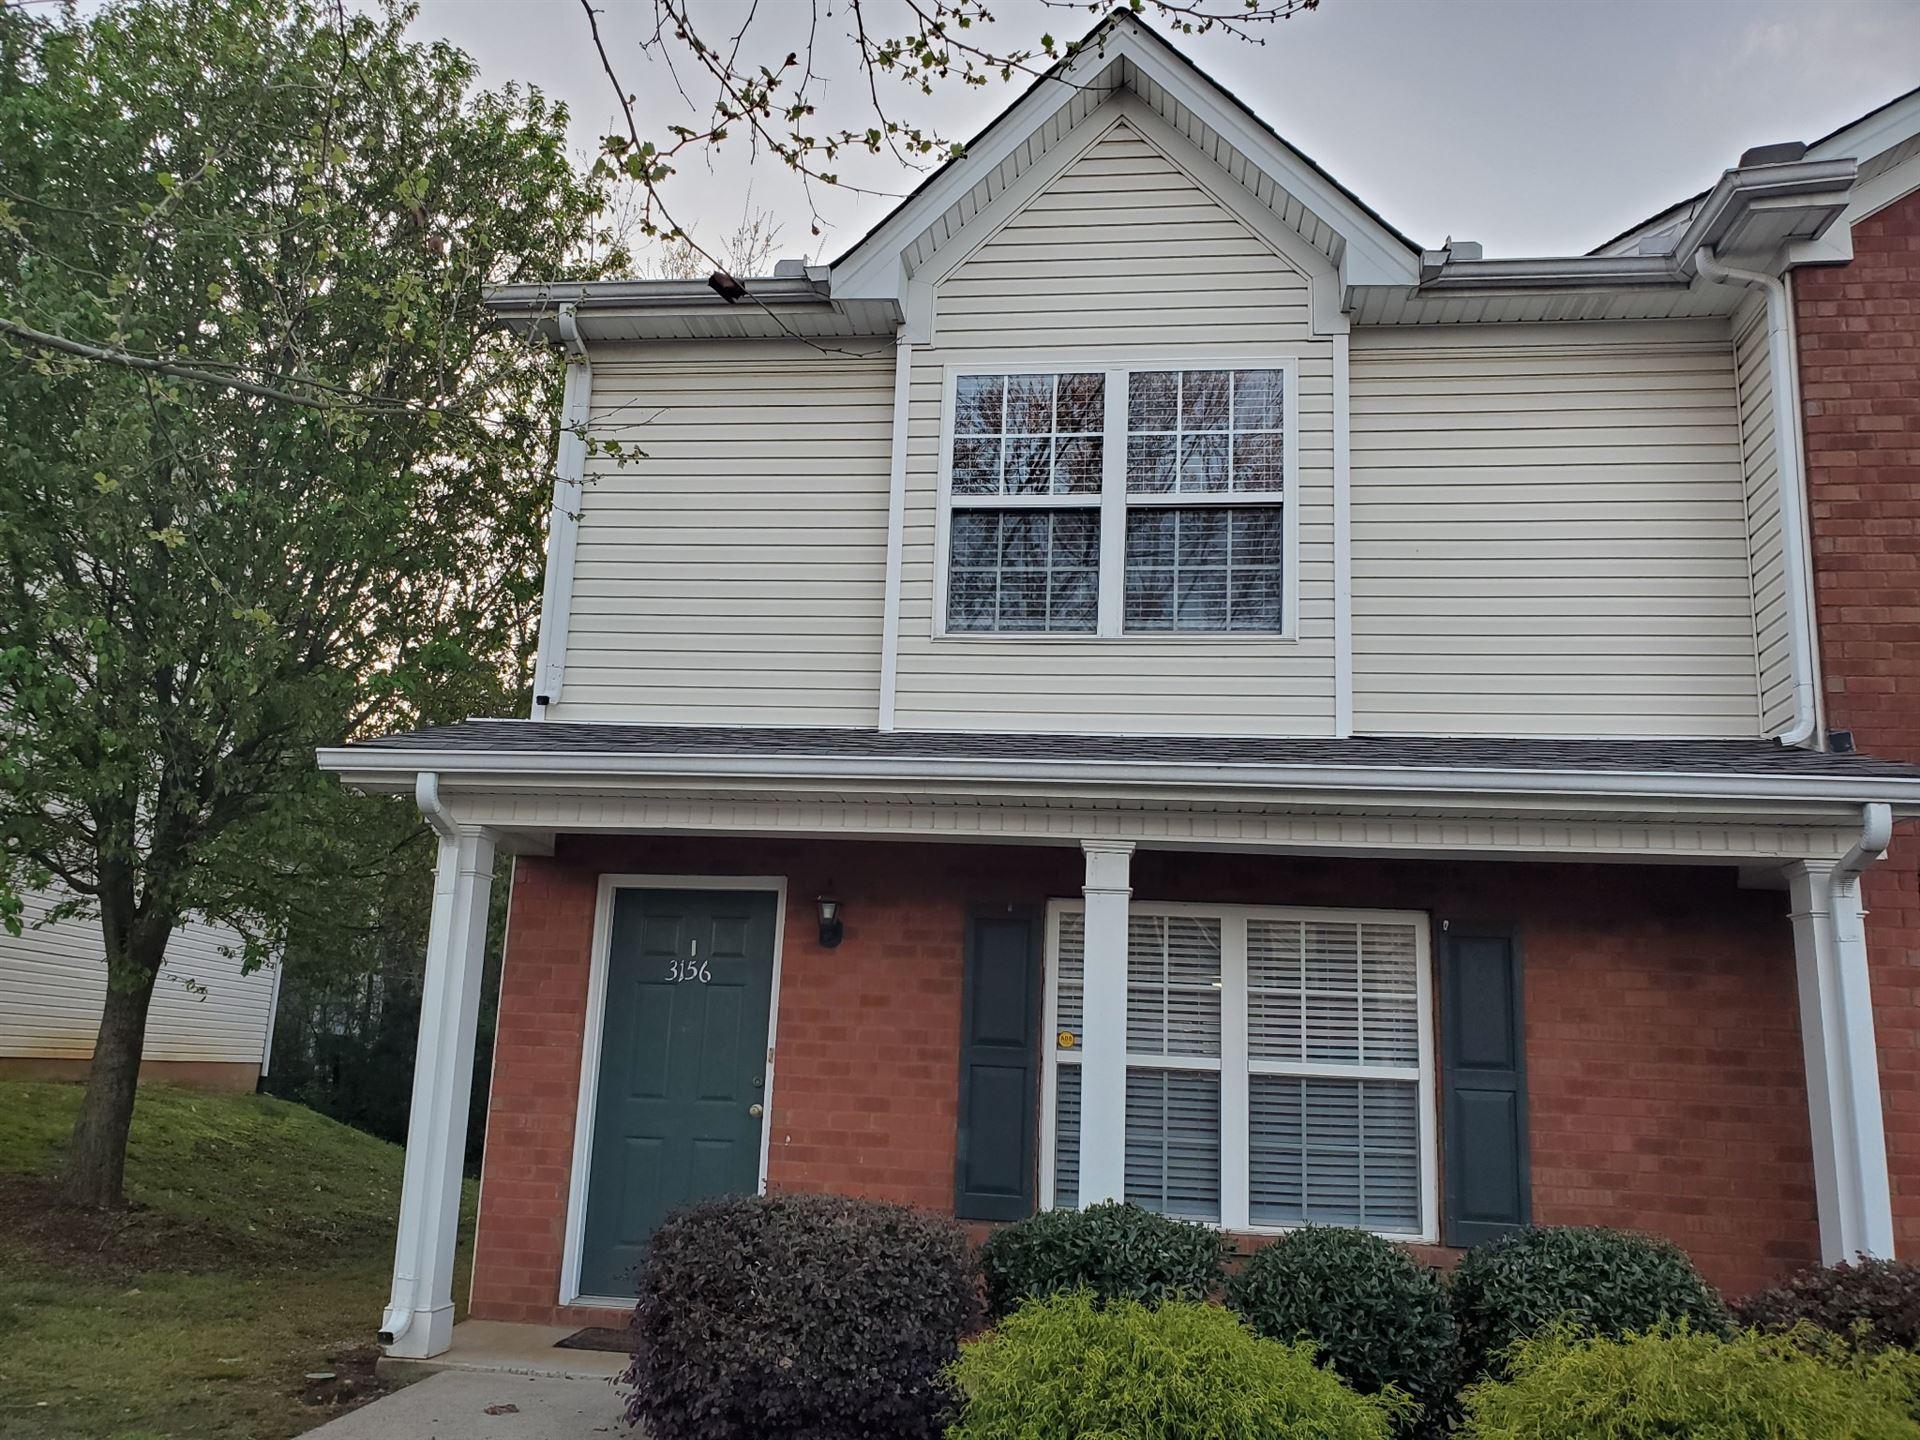 Photo of 3156 Prater Ct, Murfreesboro, TN 37128 (MLS # 2243522)